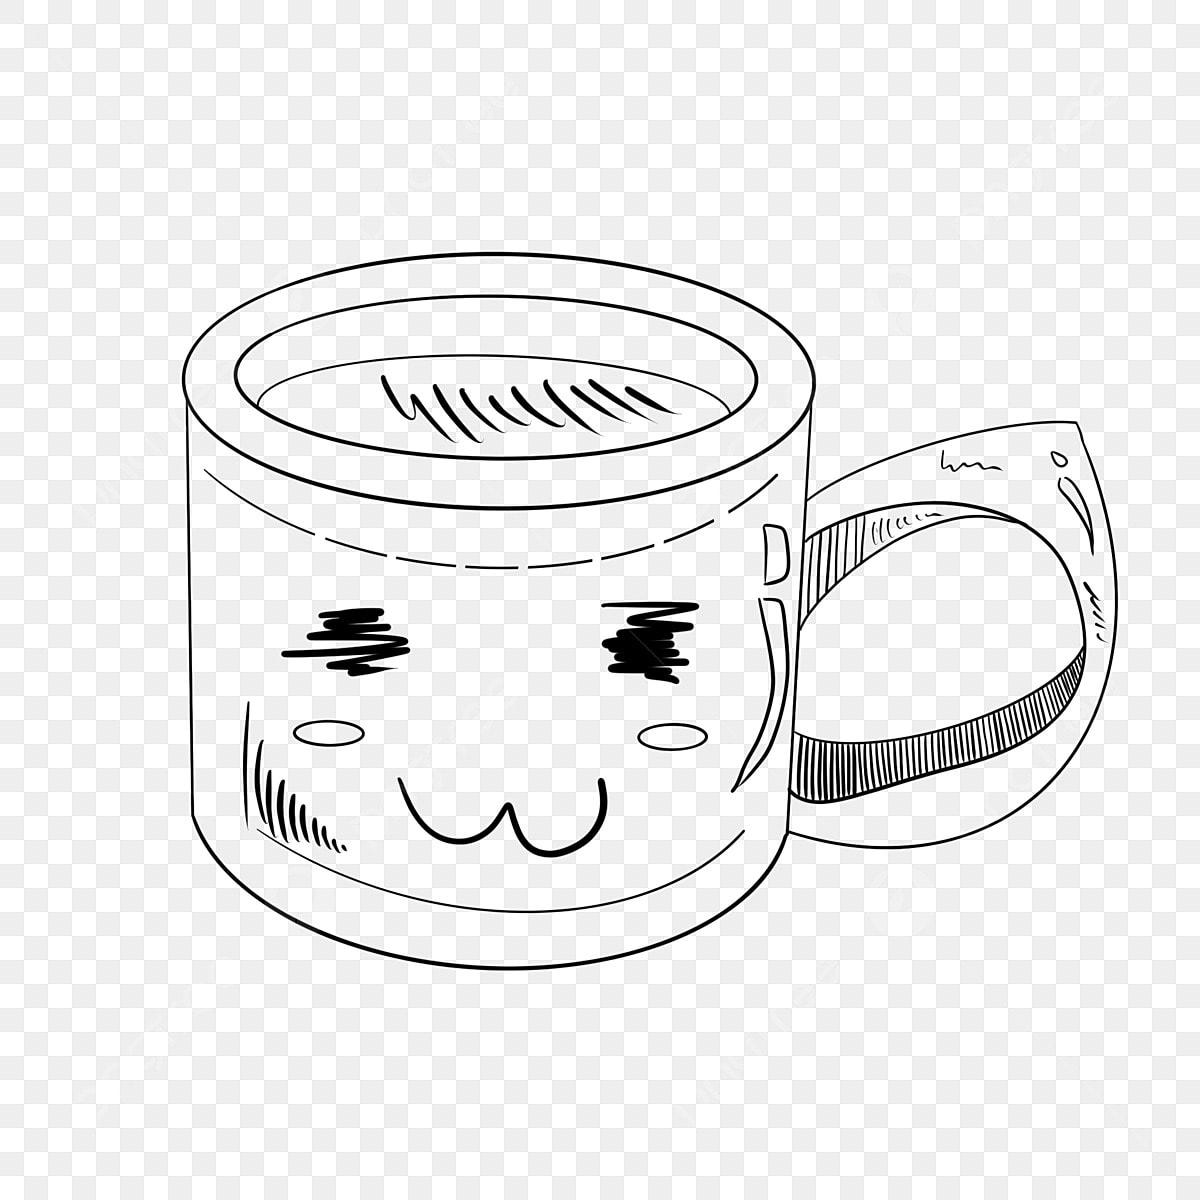 Gambar Ilustrasi Cawan Senyuman Lukisan Garis Cawan Senyum Ilustrasi Kartun Ilustrasi Lukisan Garis Png Dan Psd Untuk Muat Turun Percuma